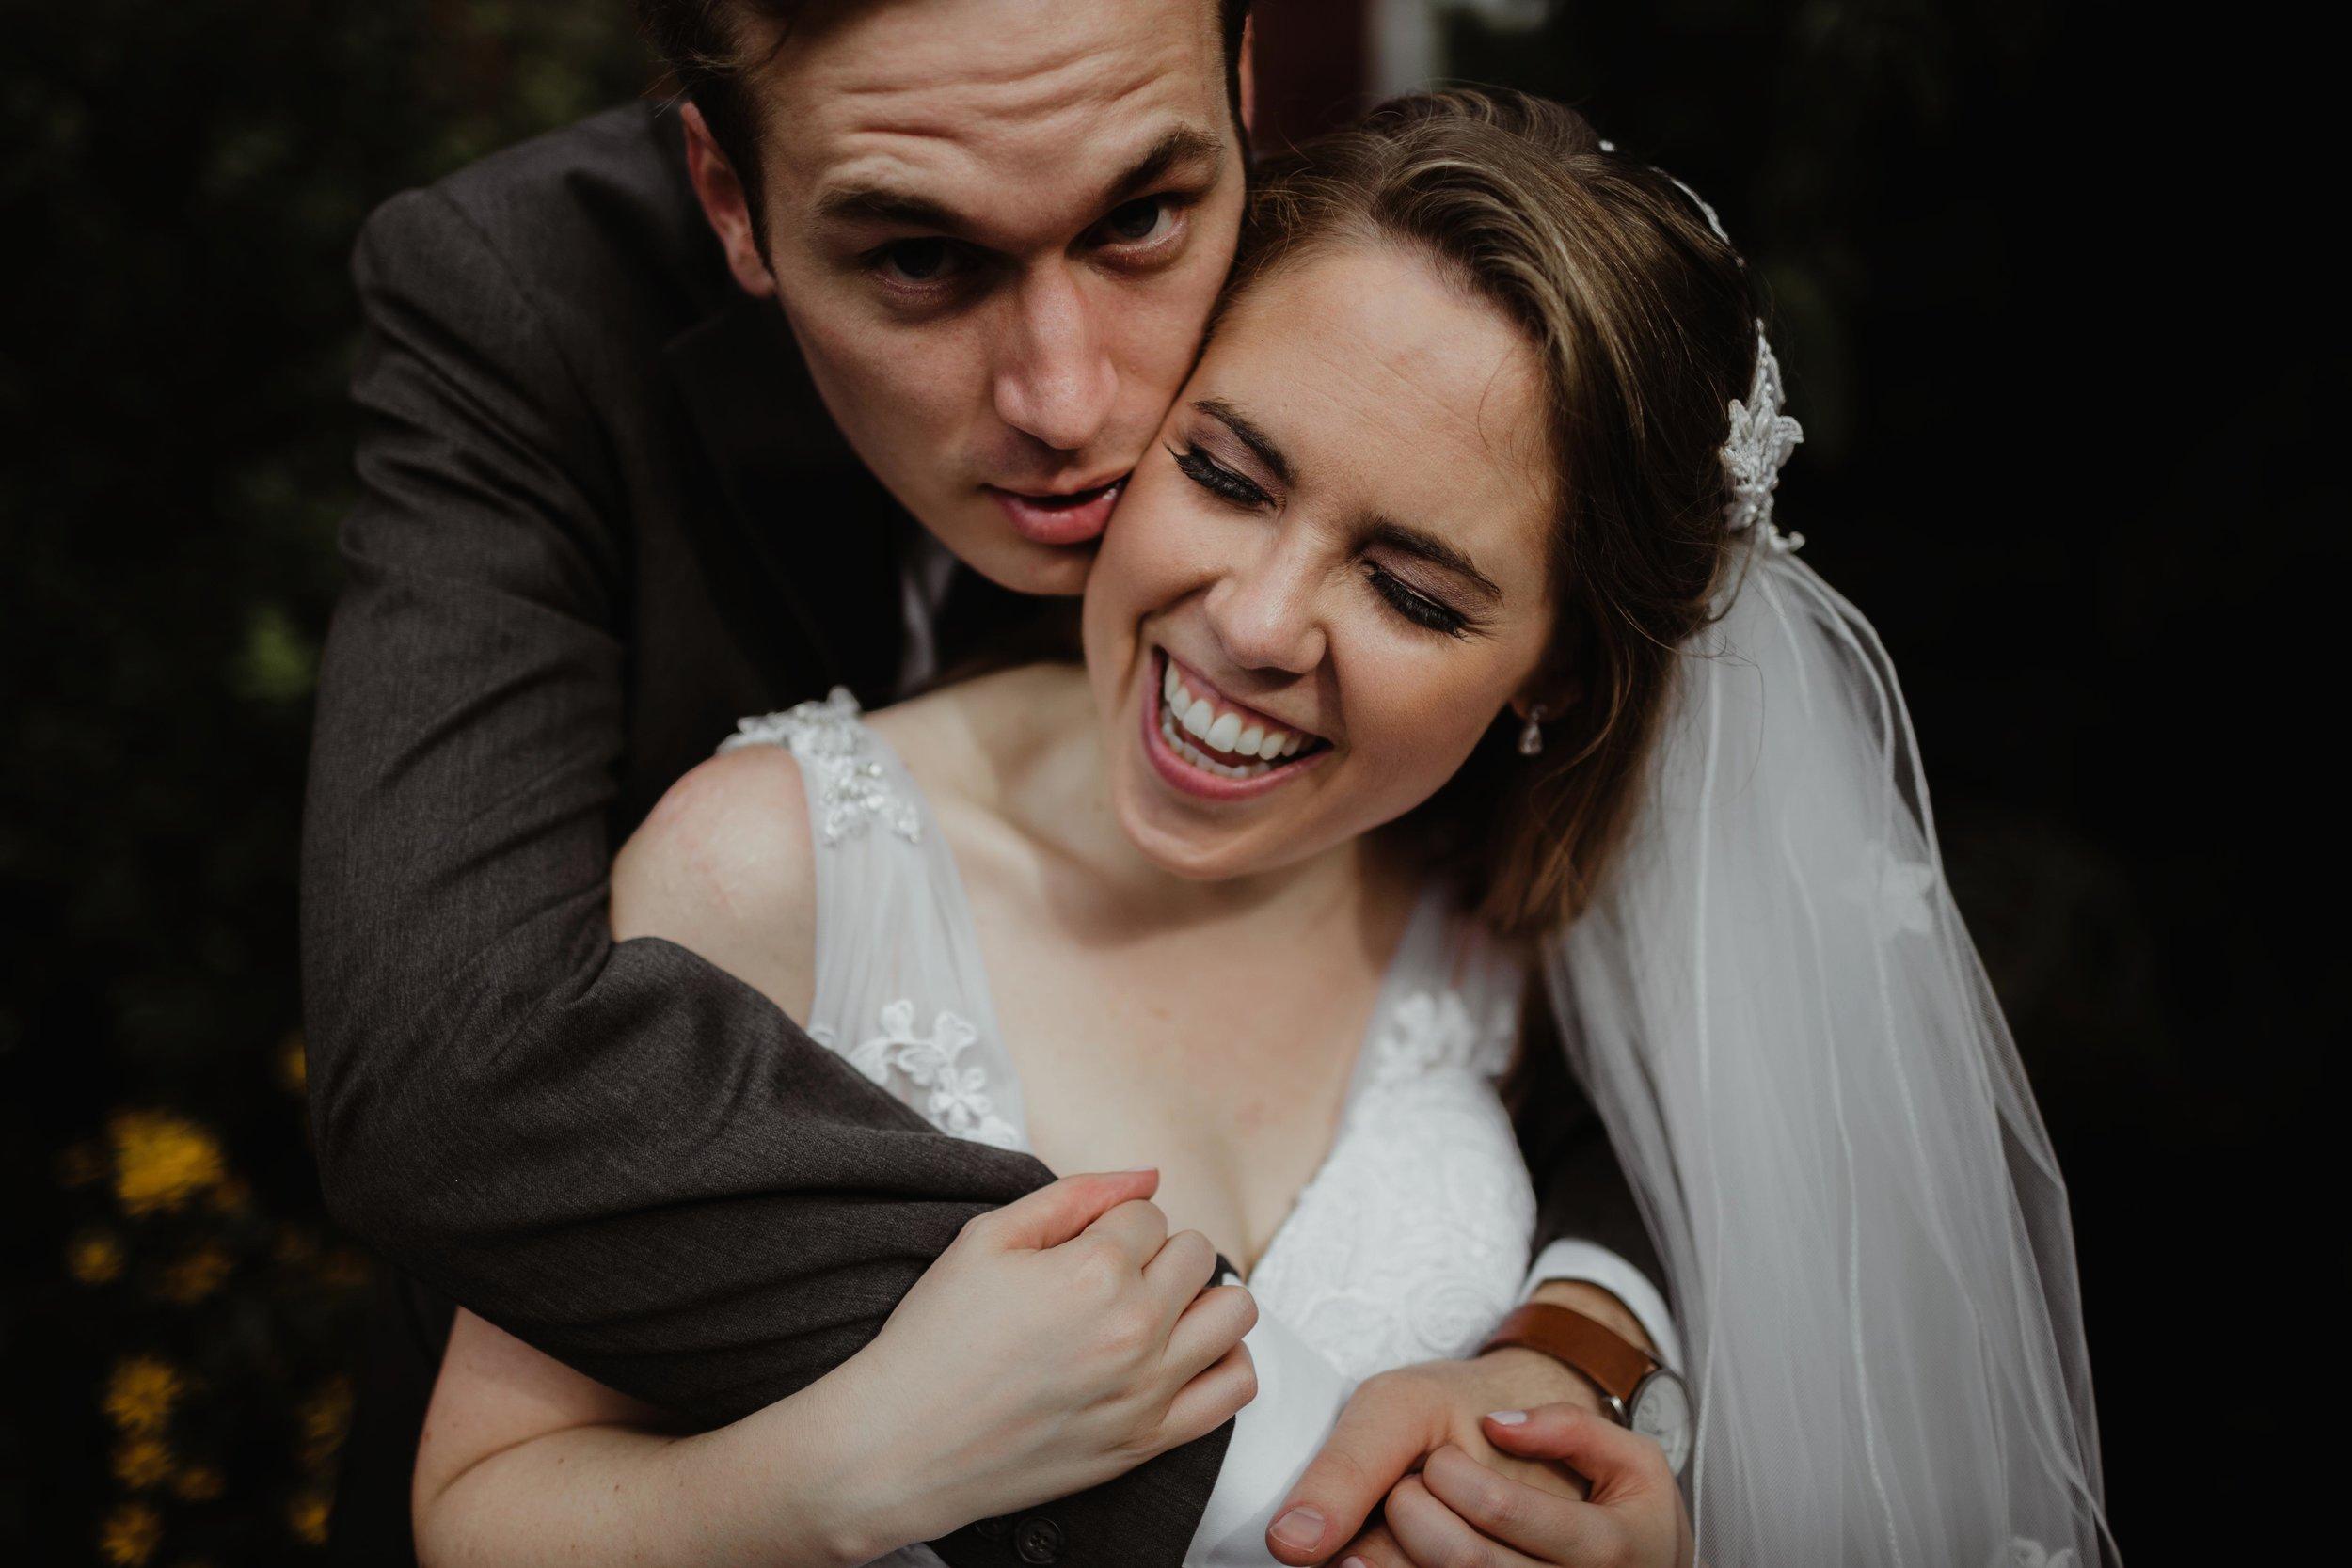 ALICIAandPETER-bridegroom (178 of 254).jpg